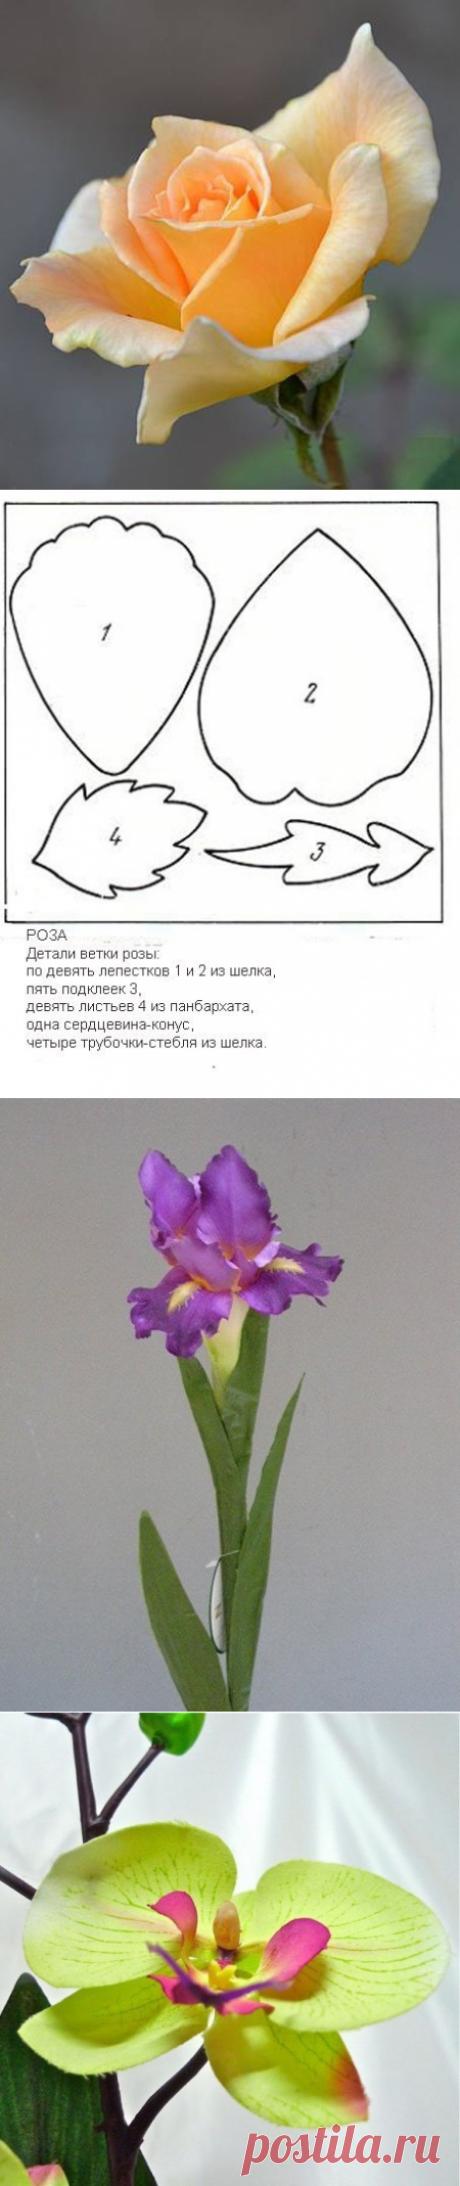 Шаблоны для изготовления цветов